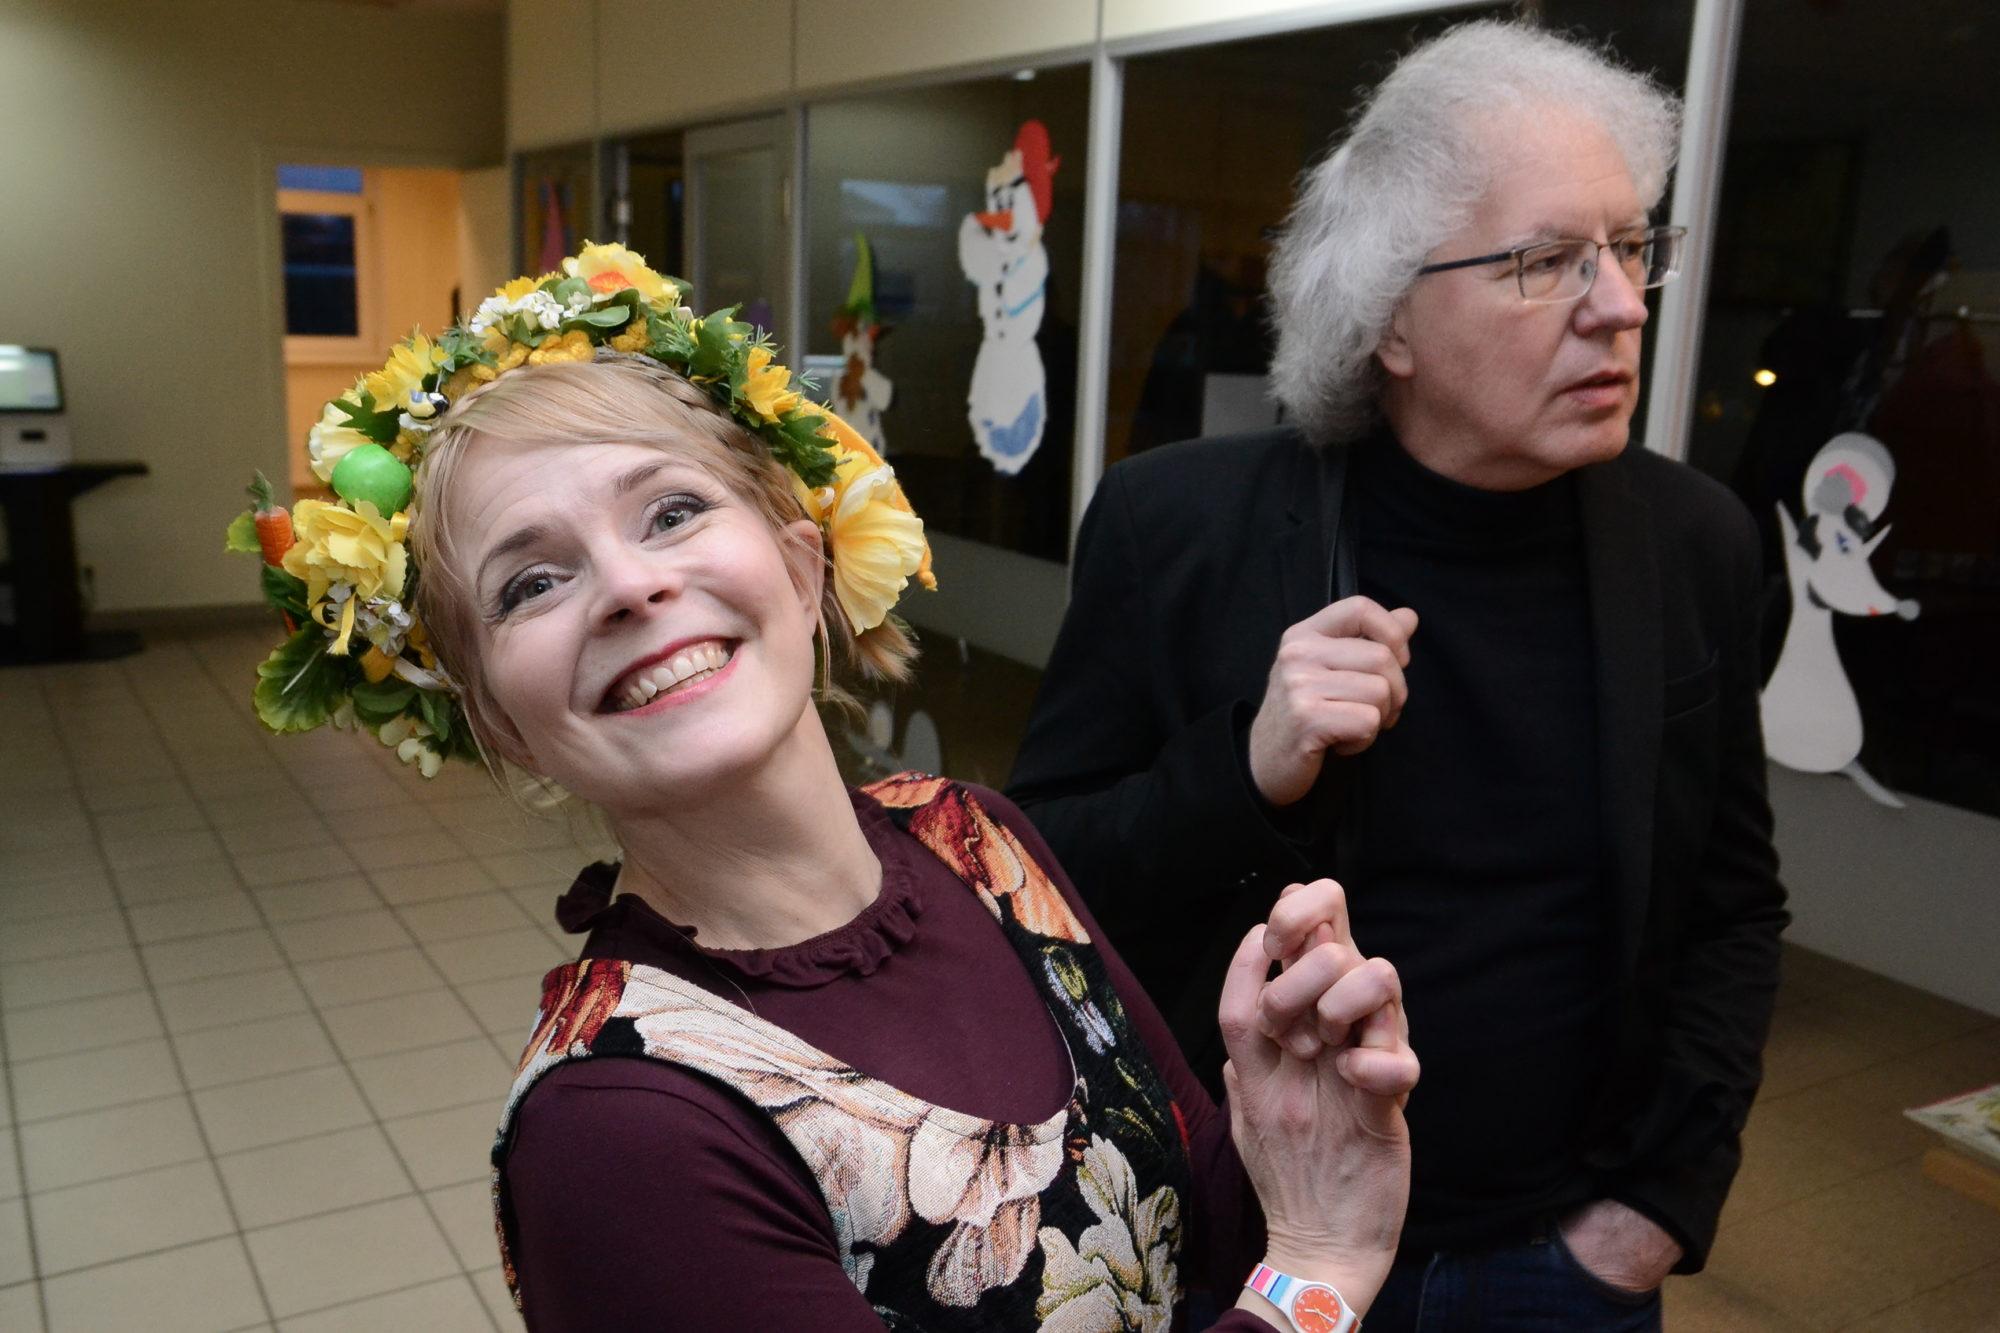 Somu dzejniece Heli Lāksonena viesojas vēju pilsētā